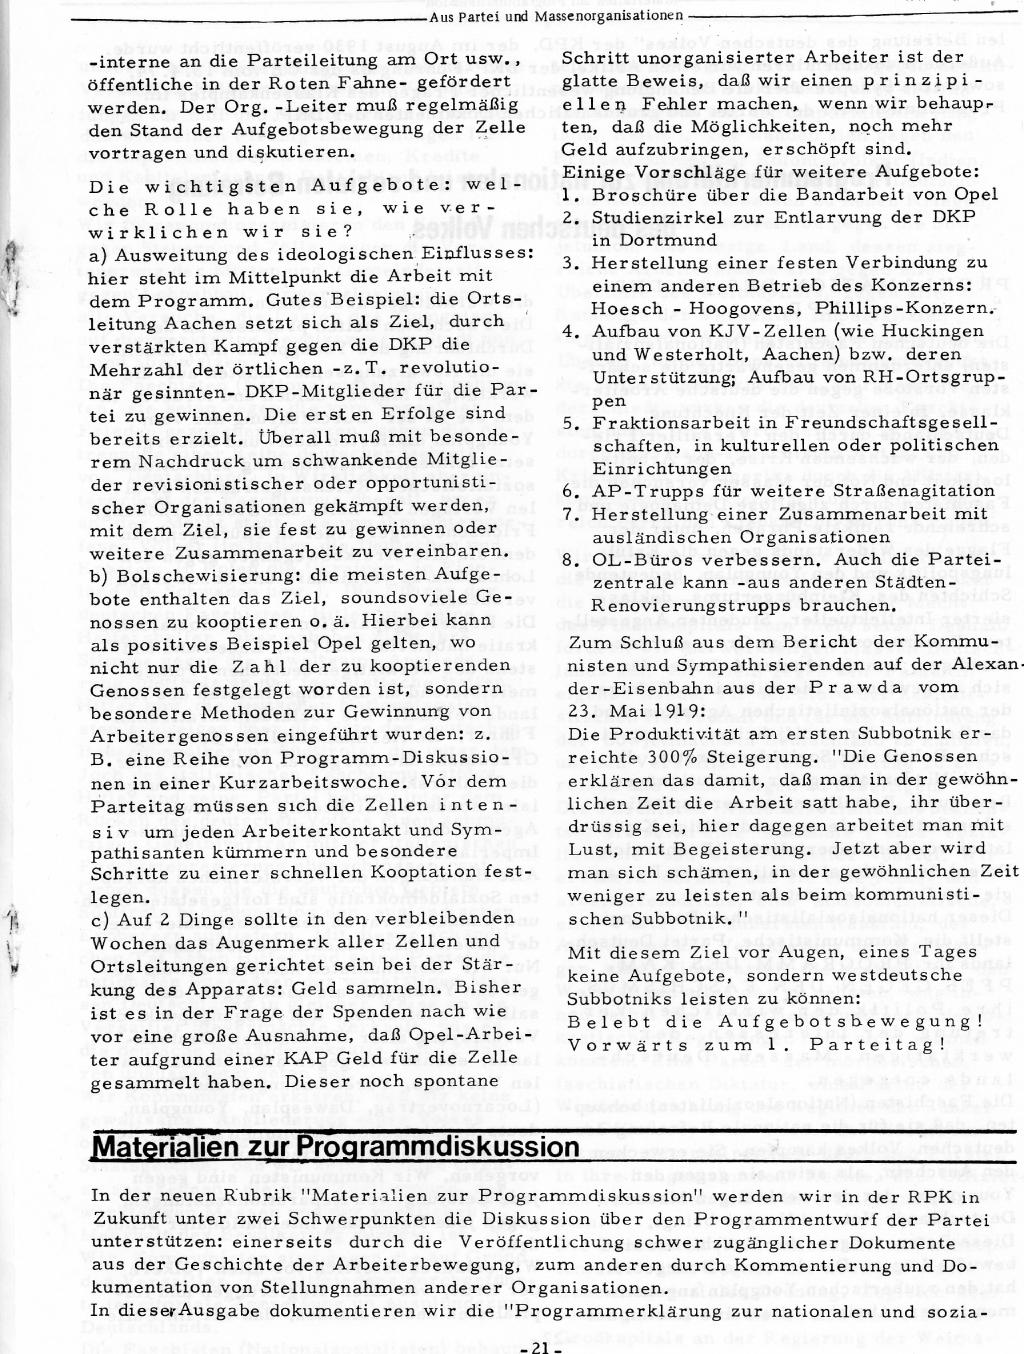 RPK_1974_16_17_21